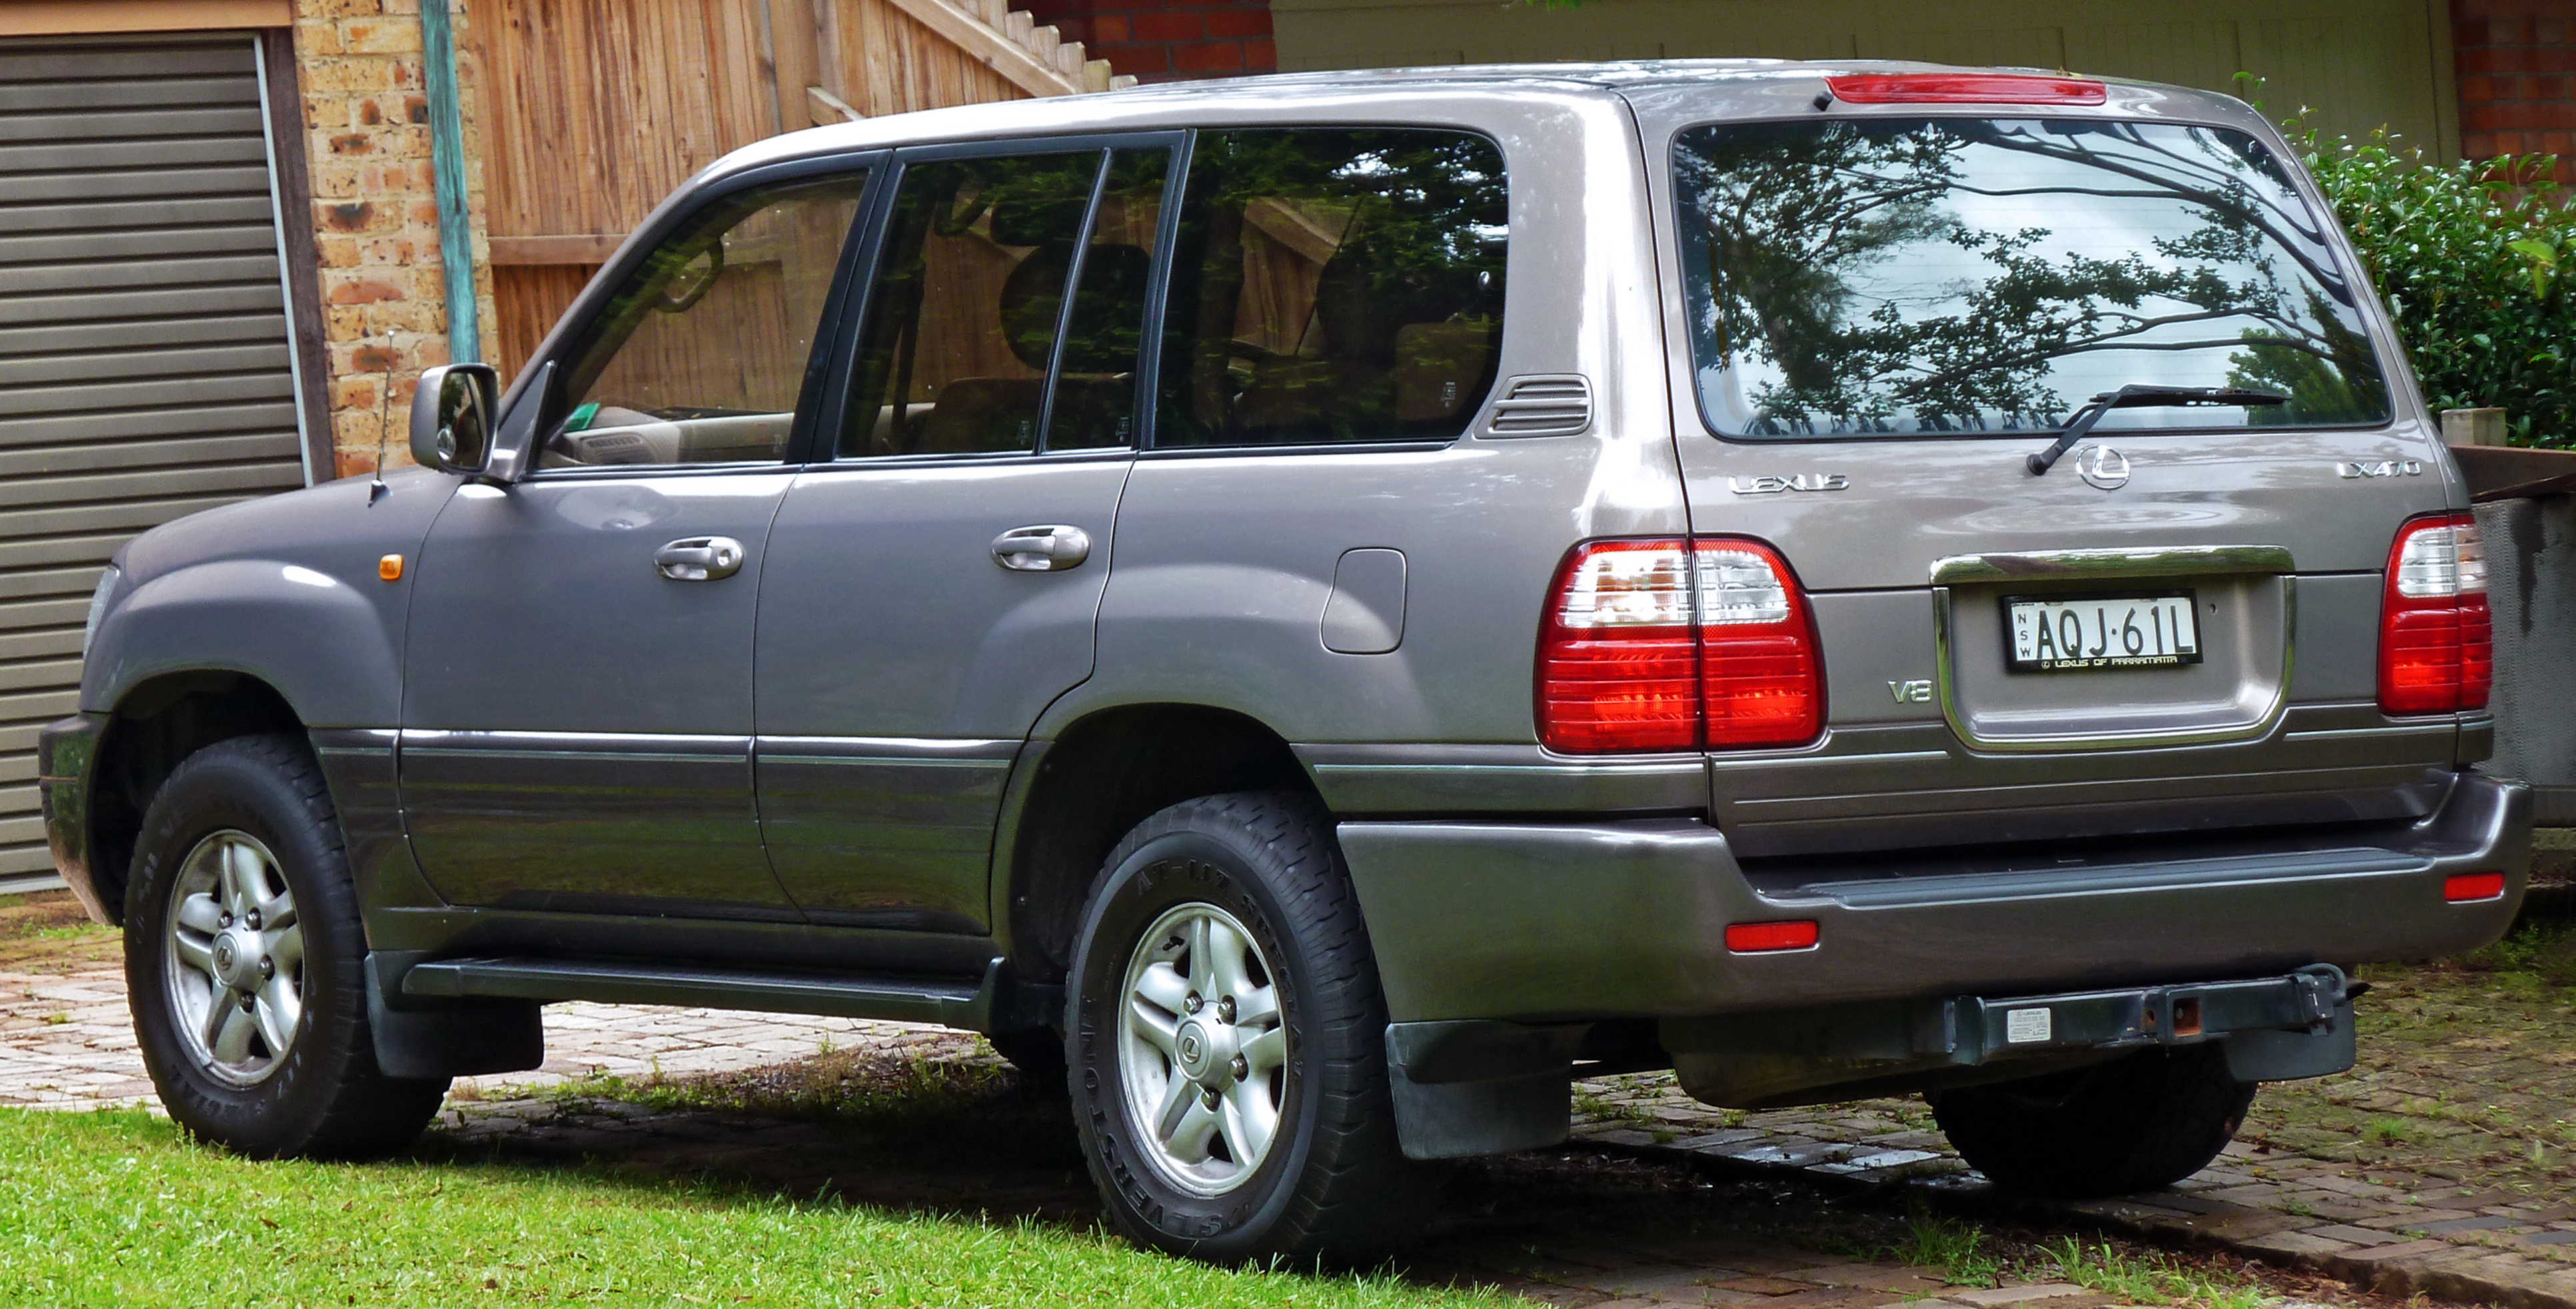 File1998 2002 lexus lx 470 uzj100r wagon 04g wikimedia commons file1998 2002 lexus lx 470 uzj100r wagon 04g publicscrutiny Gallery